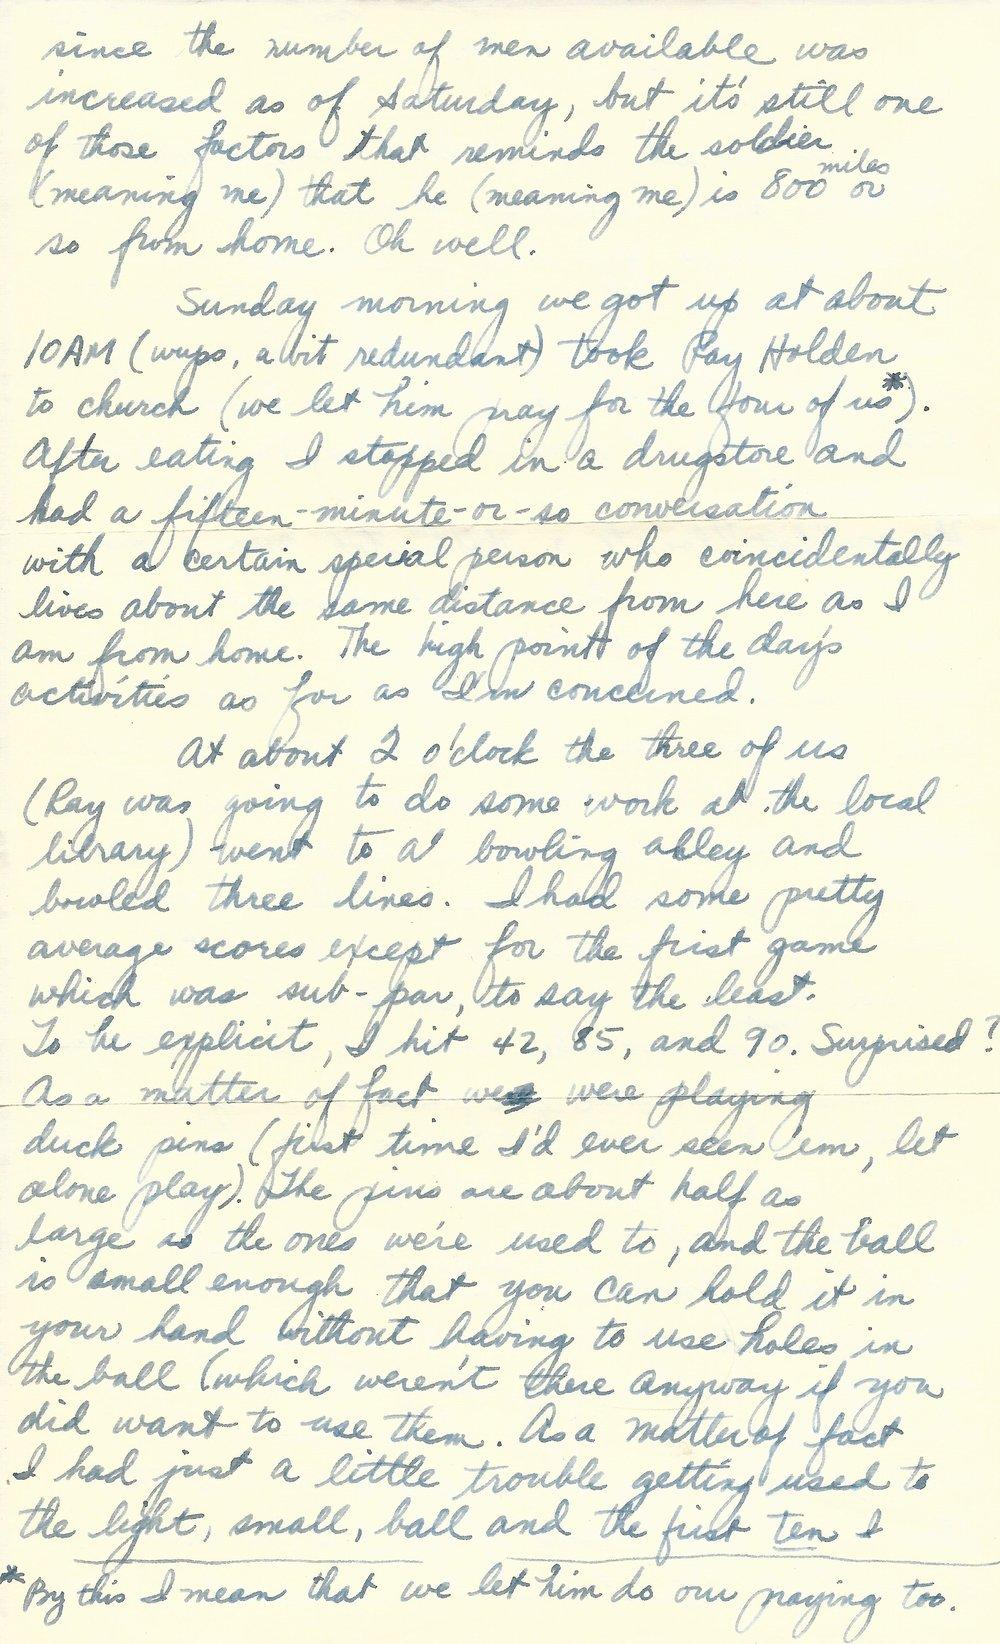 6. Jan. 12, 1953 (Opa)_Page_3.jpg